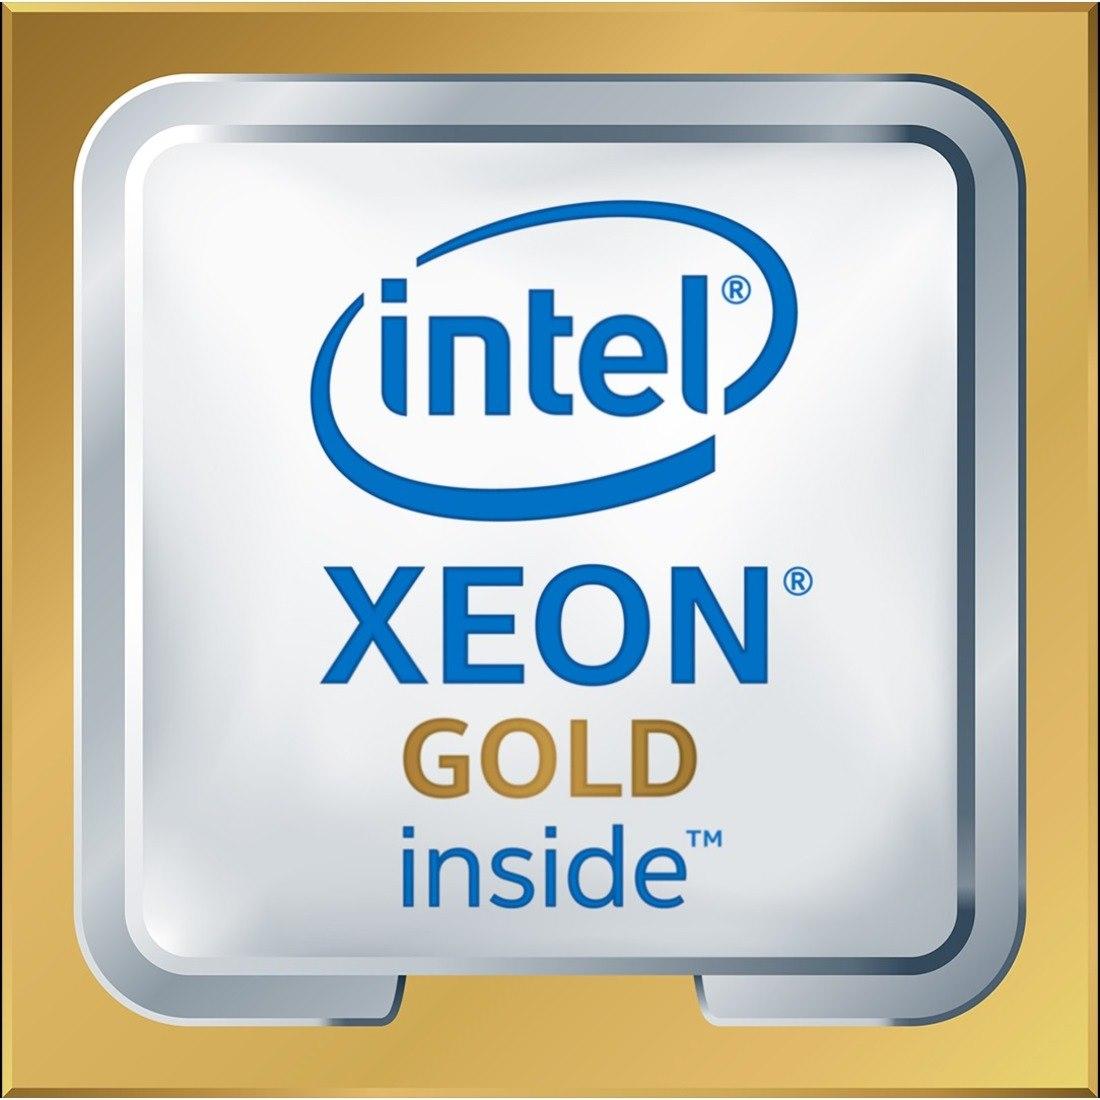 Cisco Intel Xeon Gold 6134 Octa-core (8 Core) 3.20 GHz Processor Upgrade